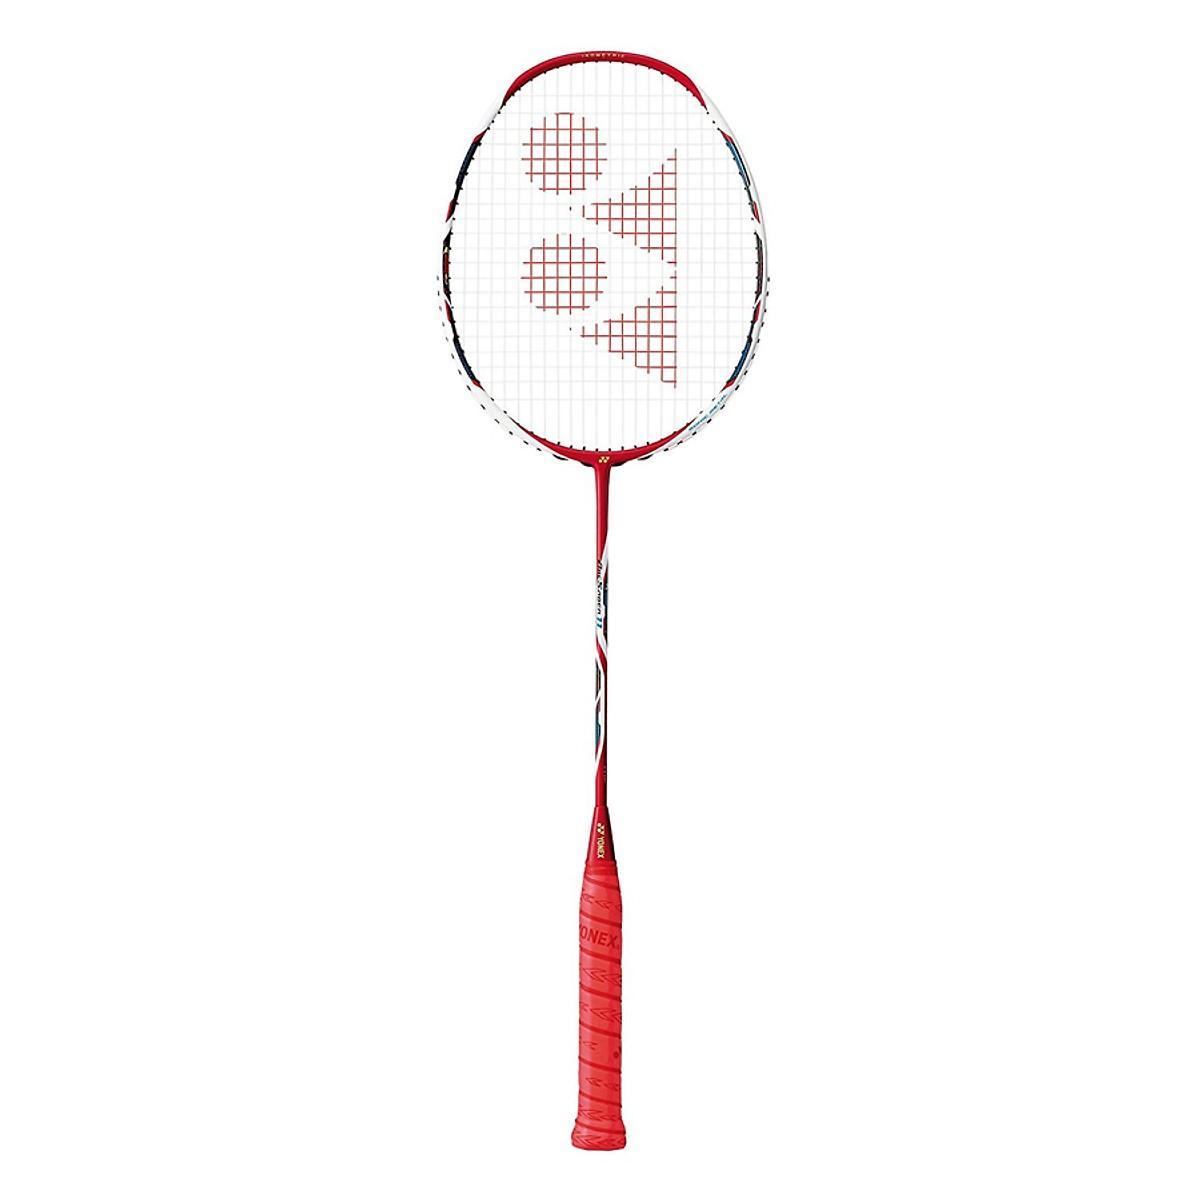 Tiêu chuẩn chọn mua vợt cầu lông nào tốt nhất cần biết 3